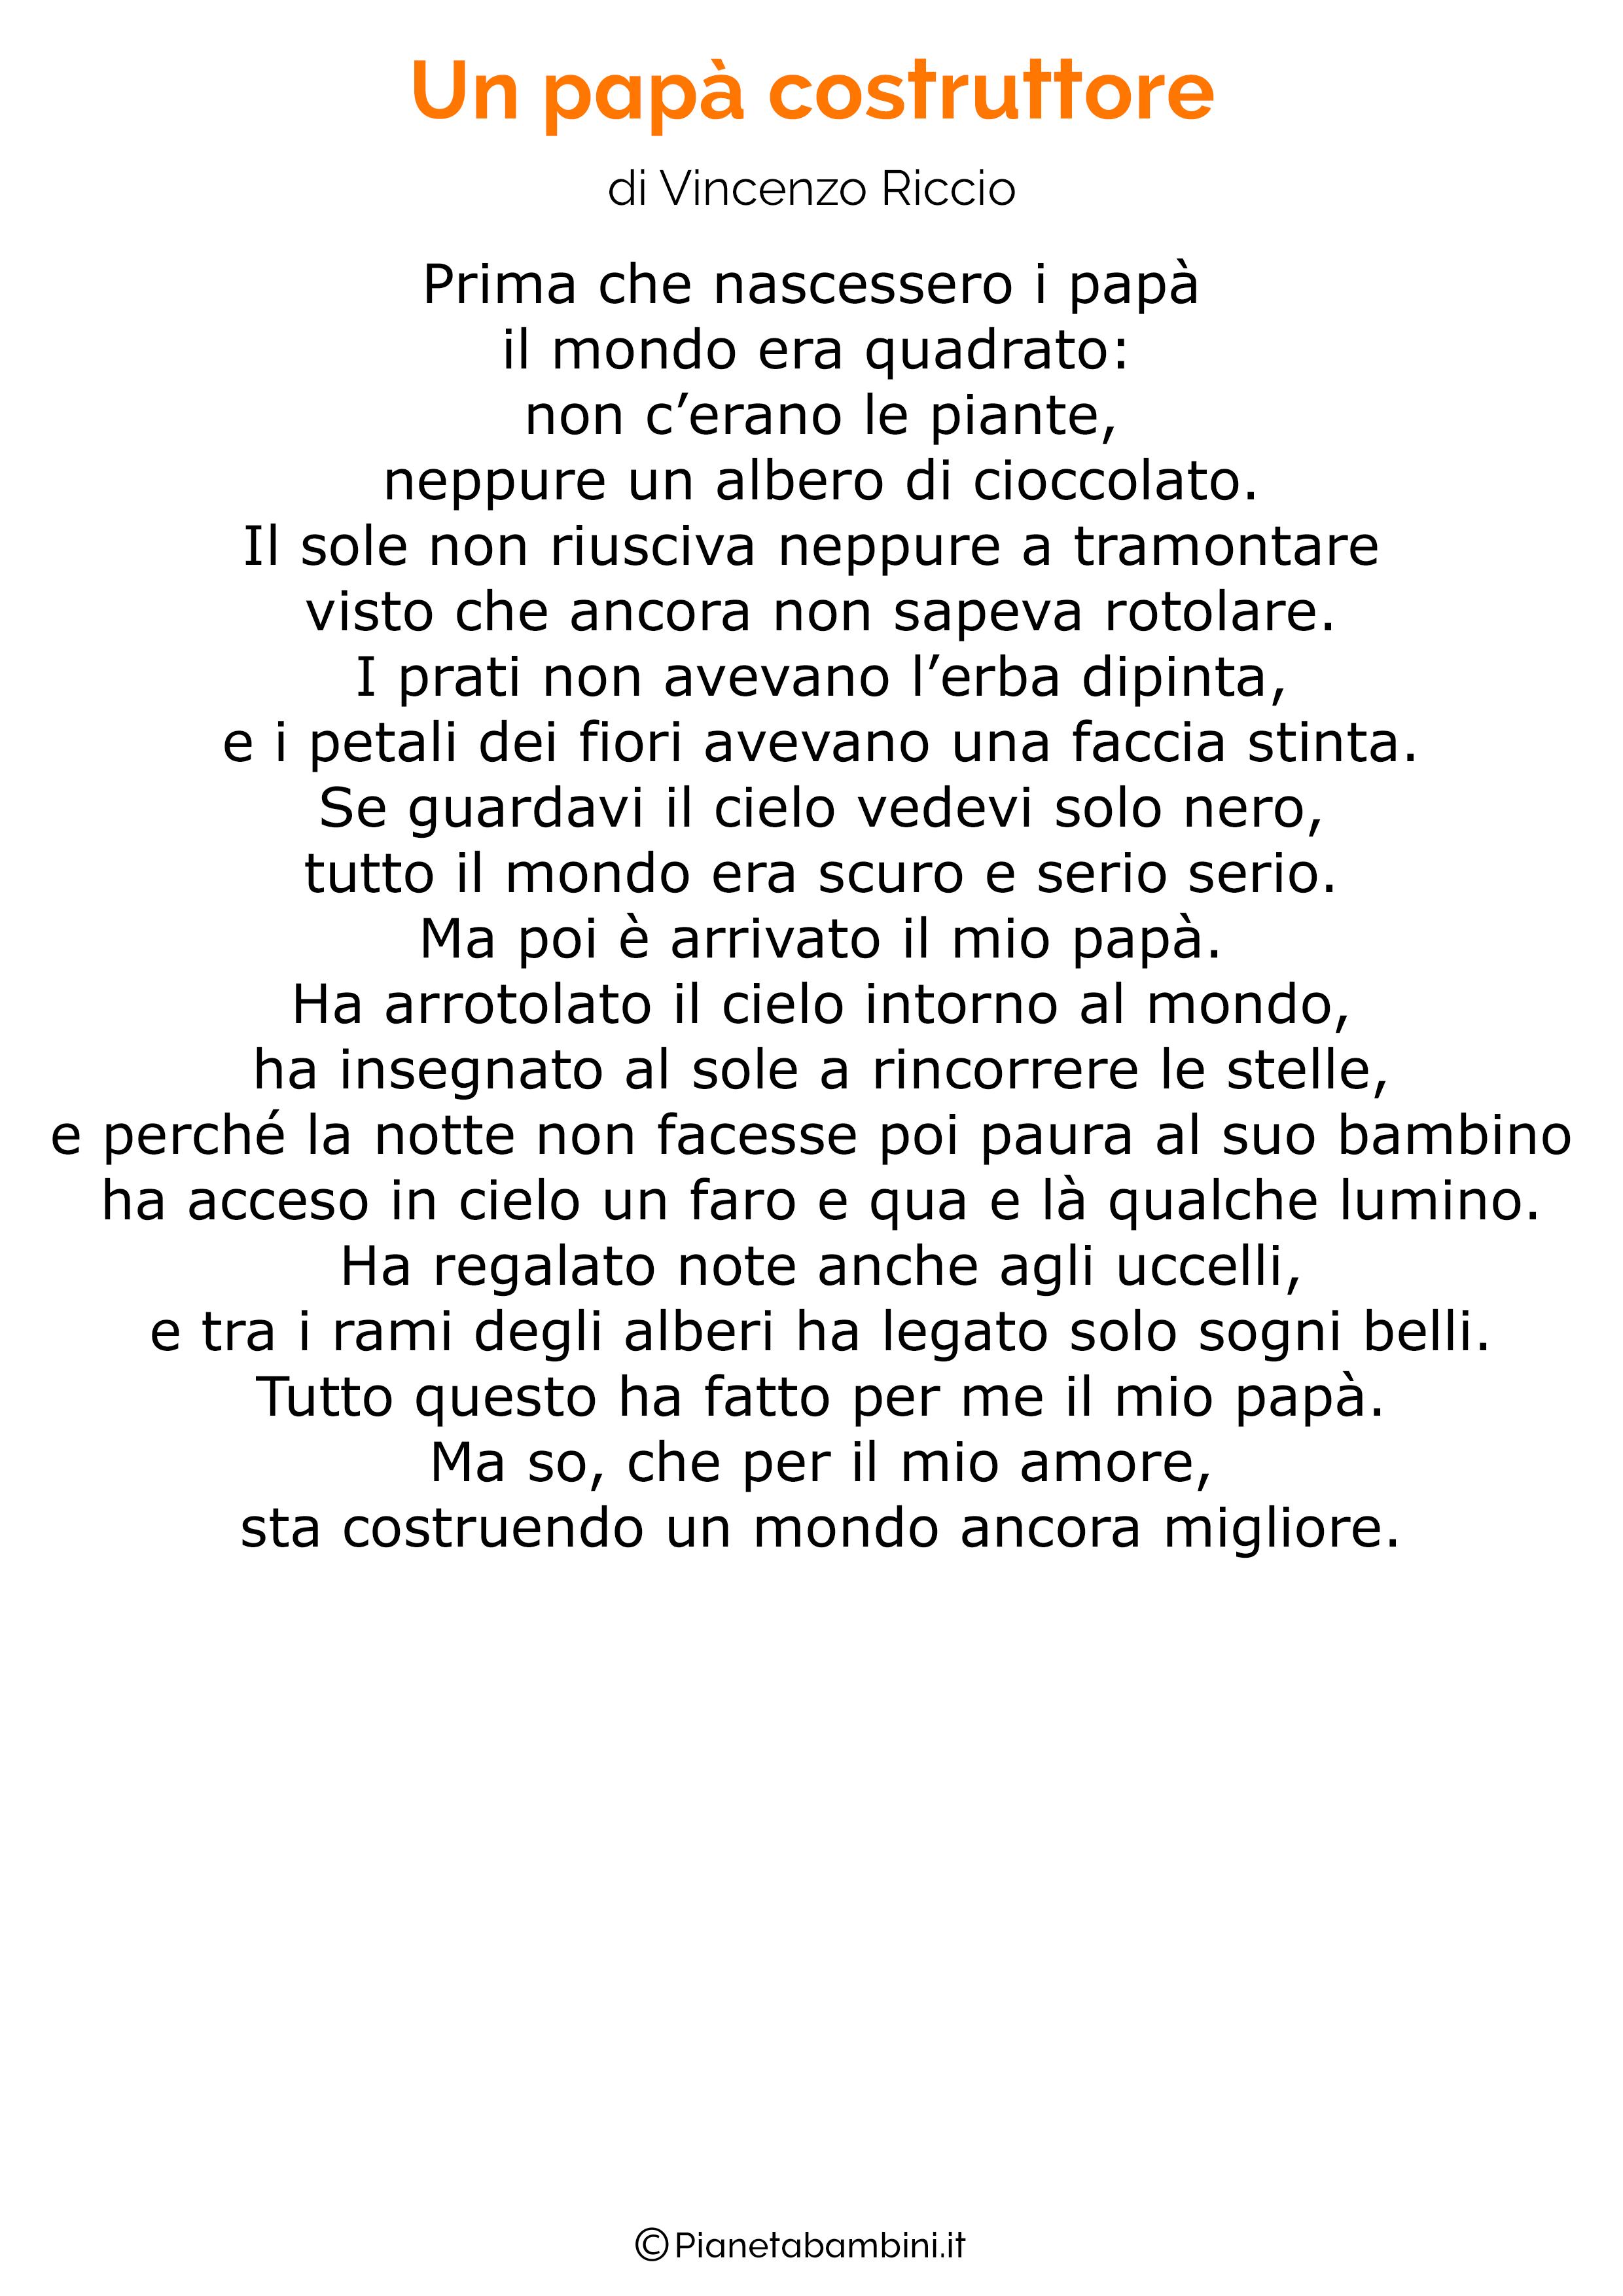 Poesia per la festa del papa per bambini 03